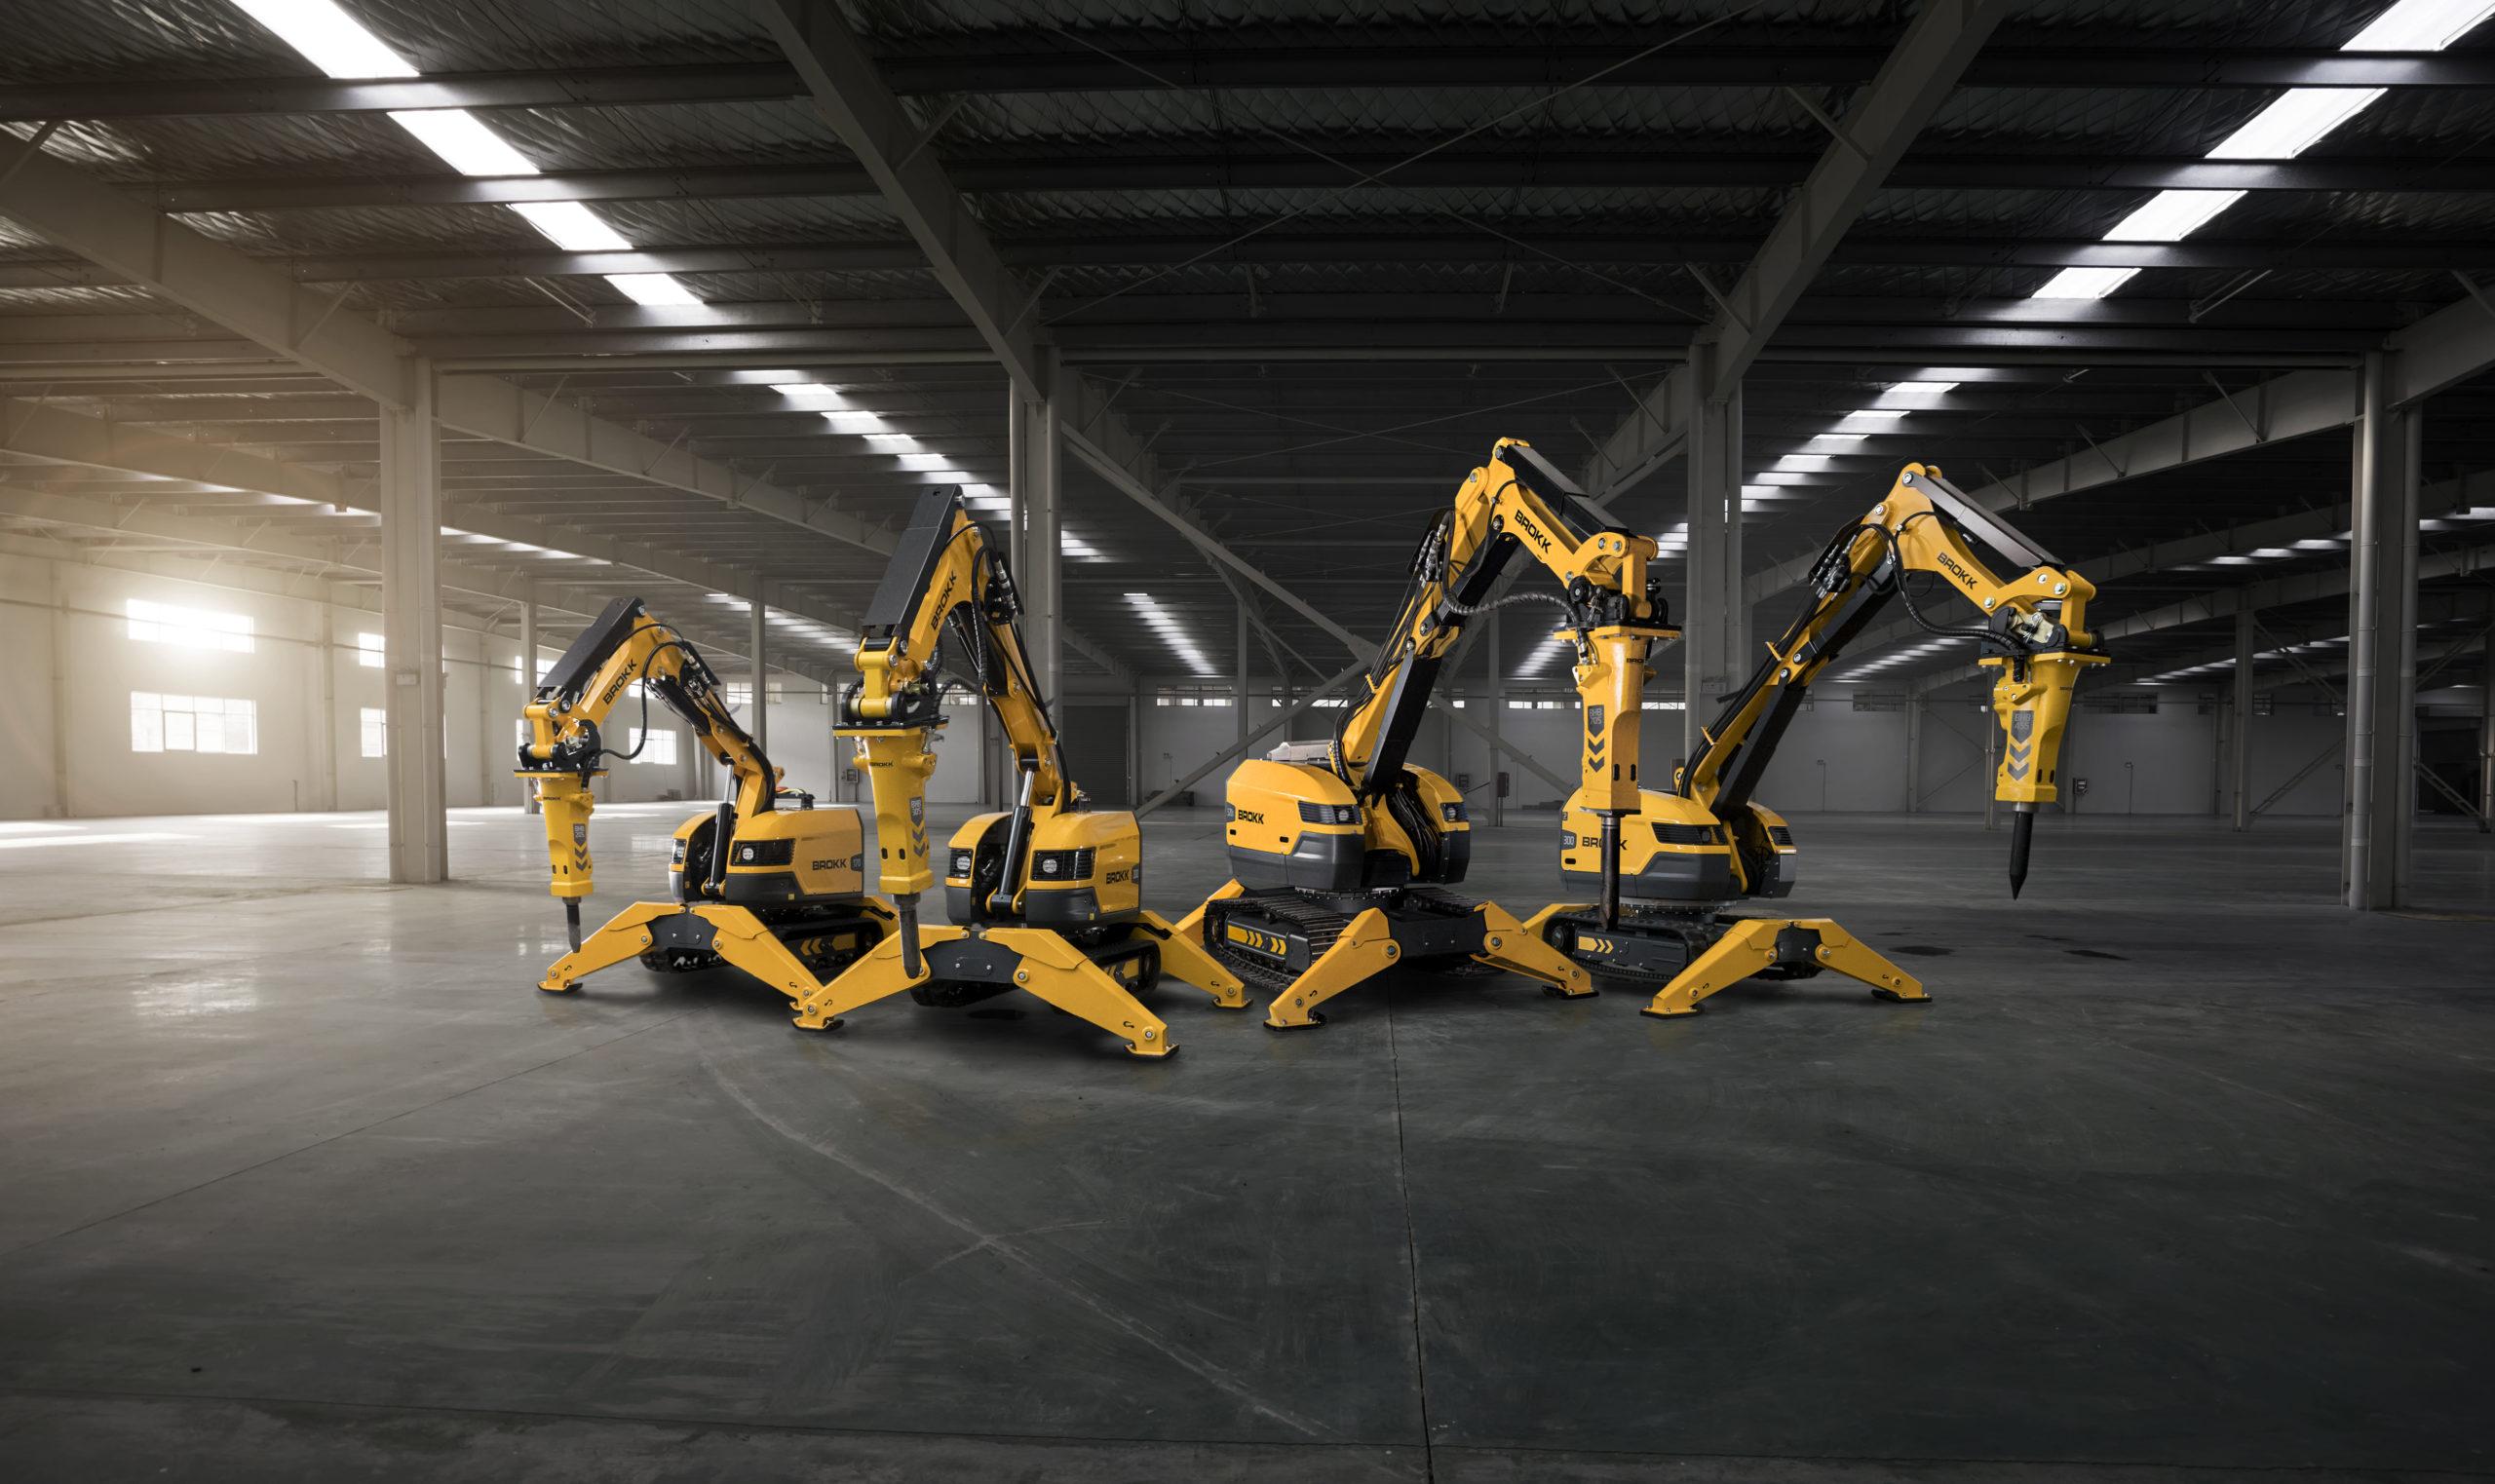 Brokk Launches 4 NEW Machines!